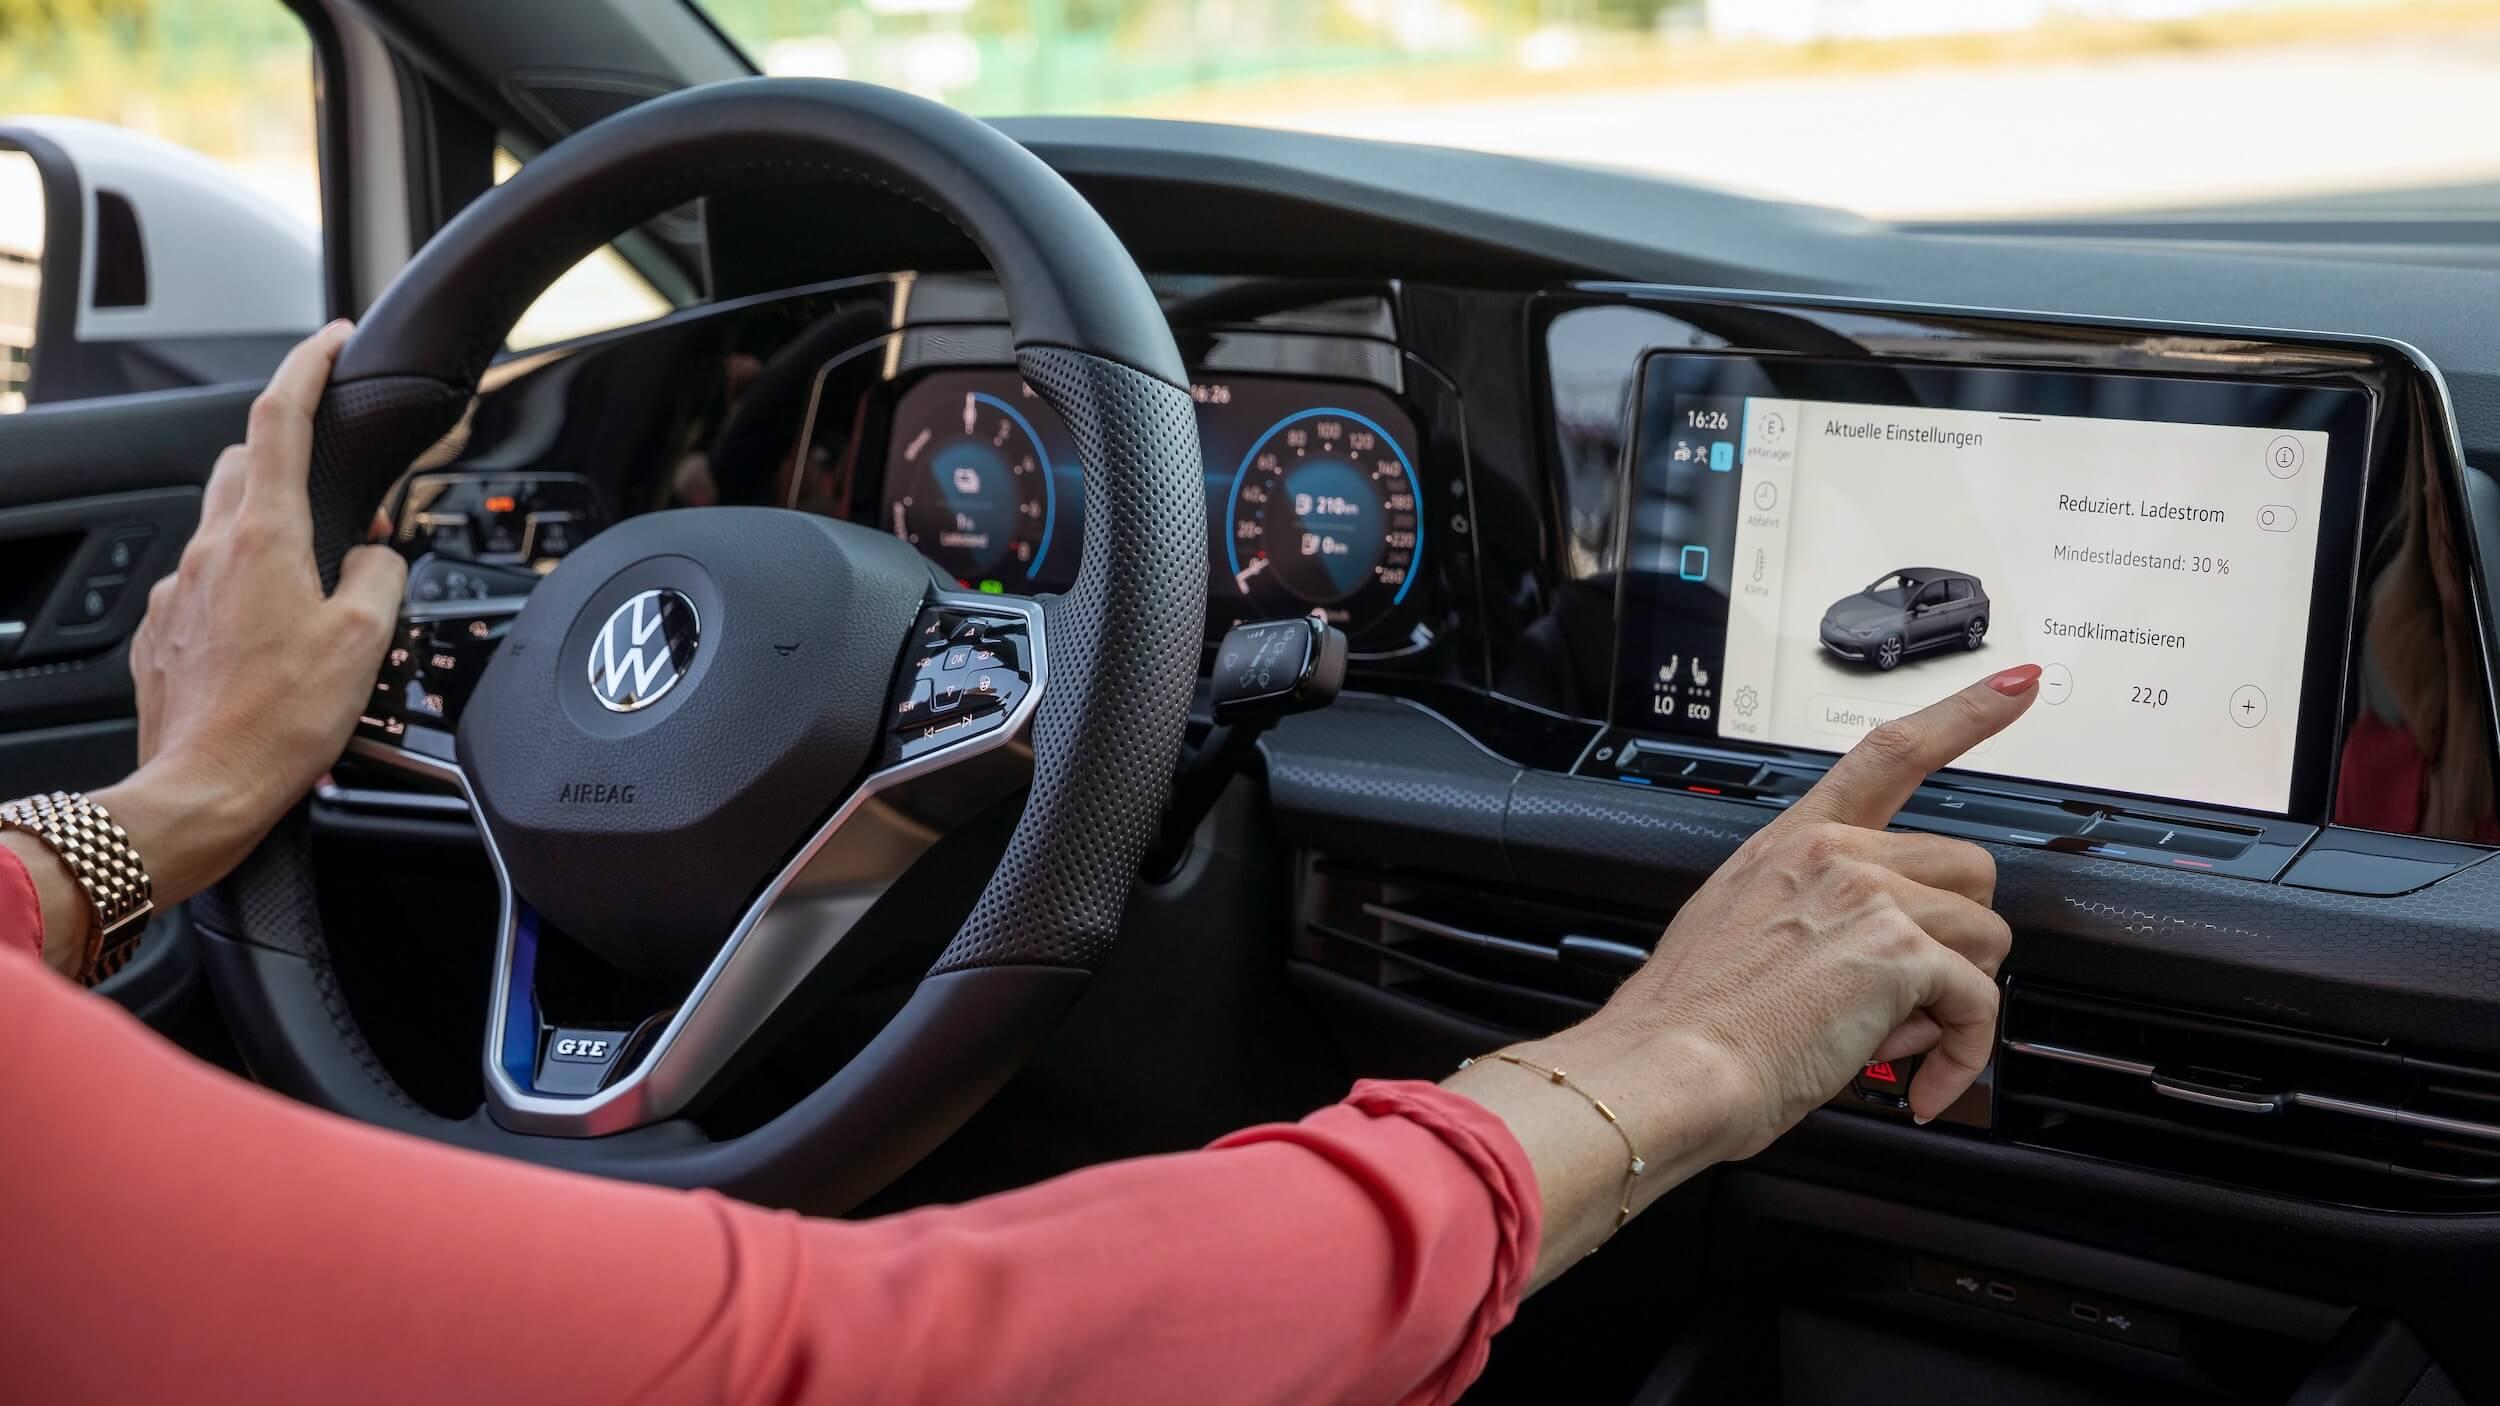 VW Golf VIII GTE infotainment scherm